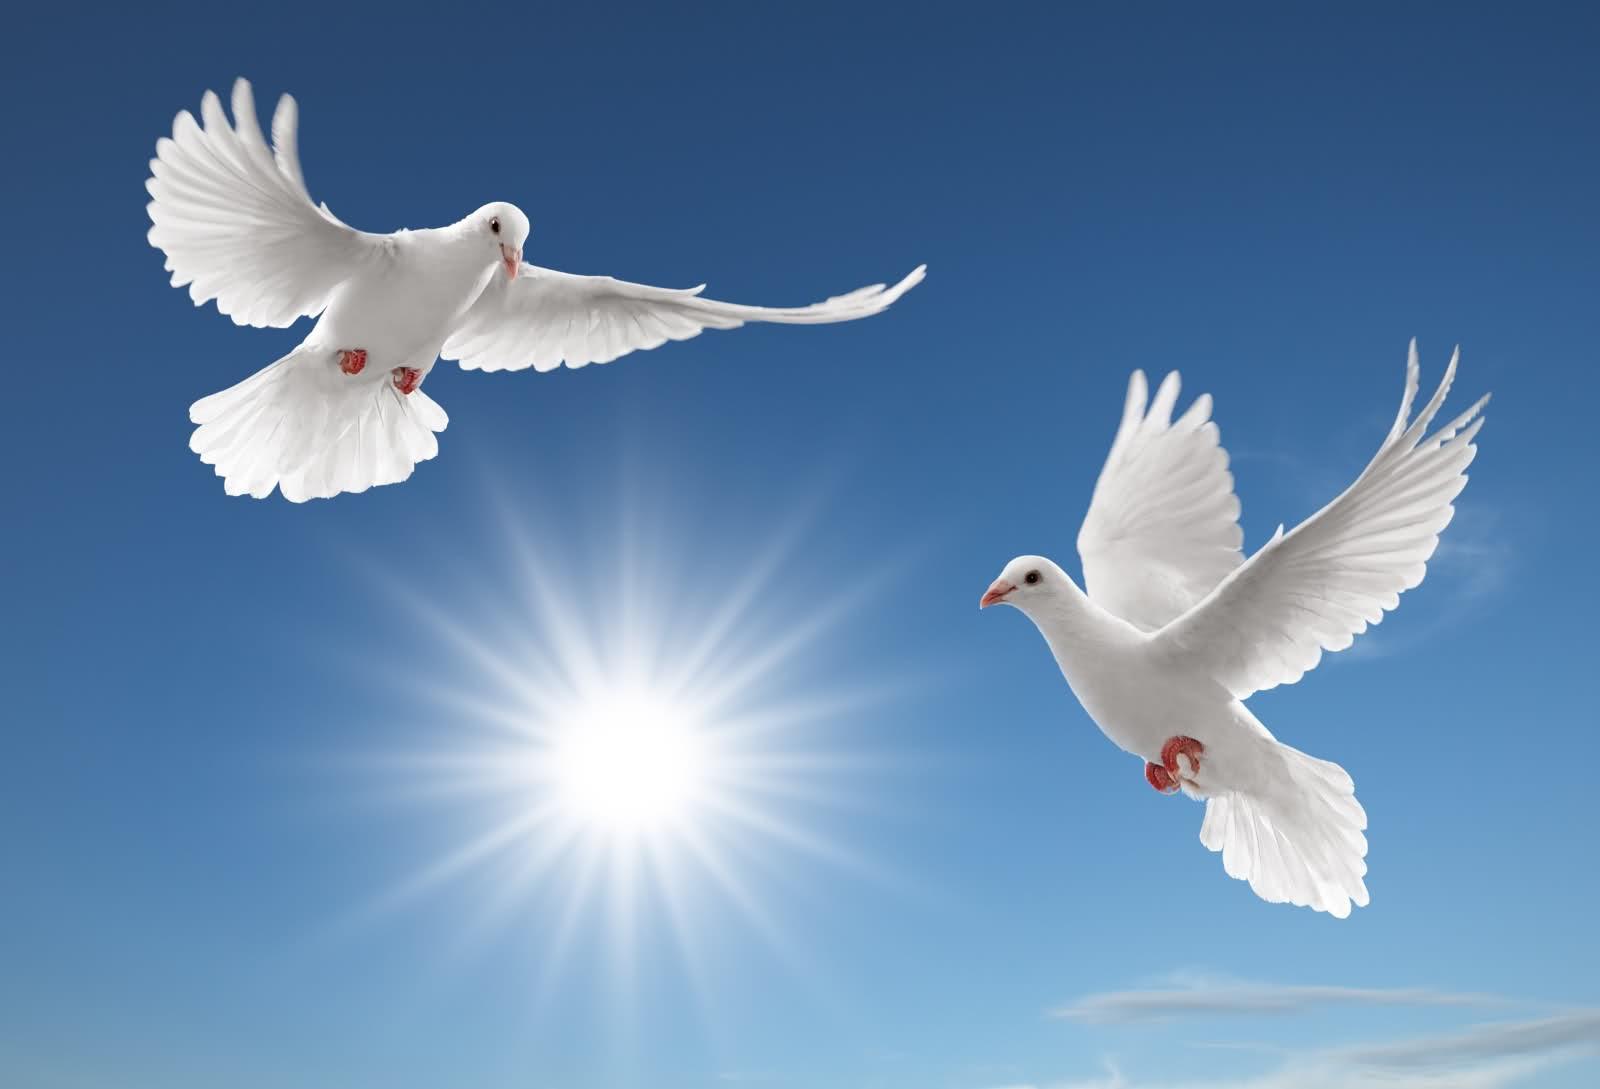 К чему снятся голуби во сне женщине? Сонник голуби